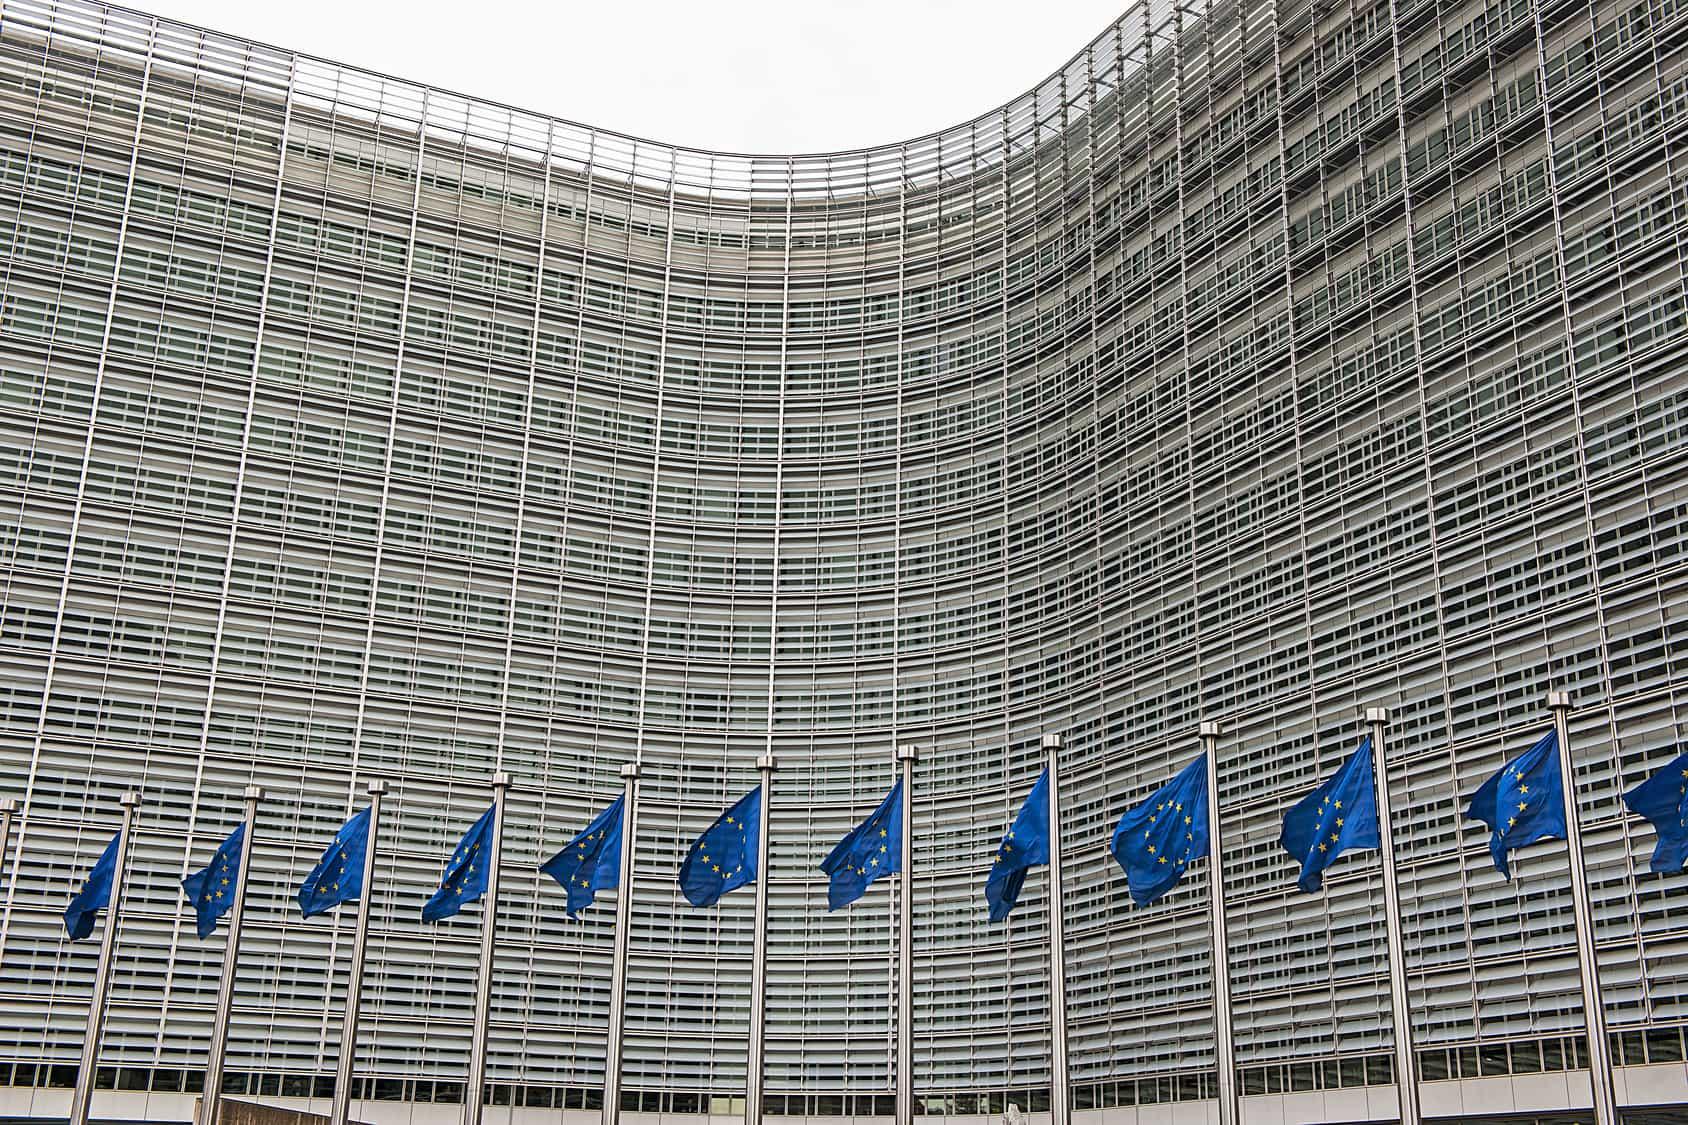 RTS do ustawy PSD2 to konieczne elementg procesu legislacyjnego Unii Europejskiej